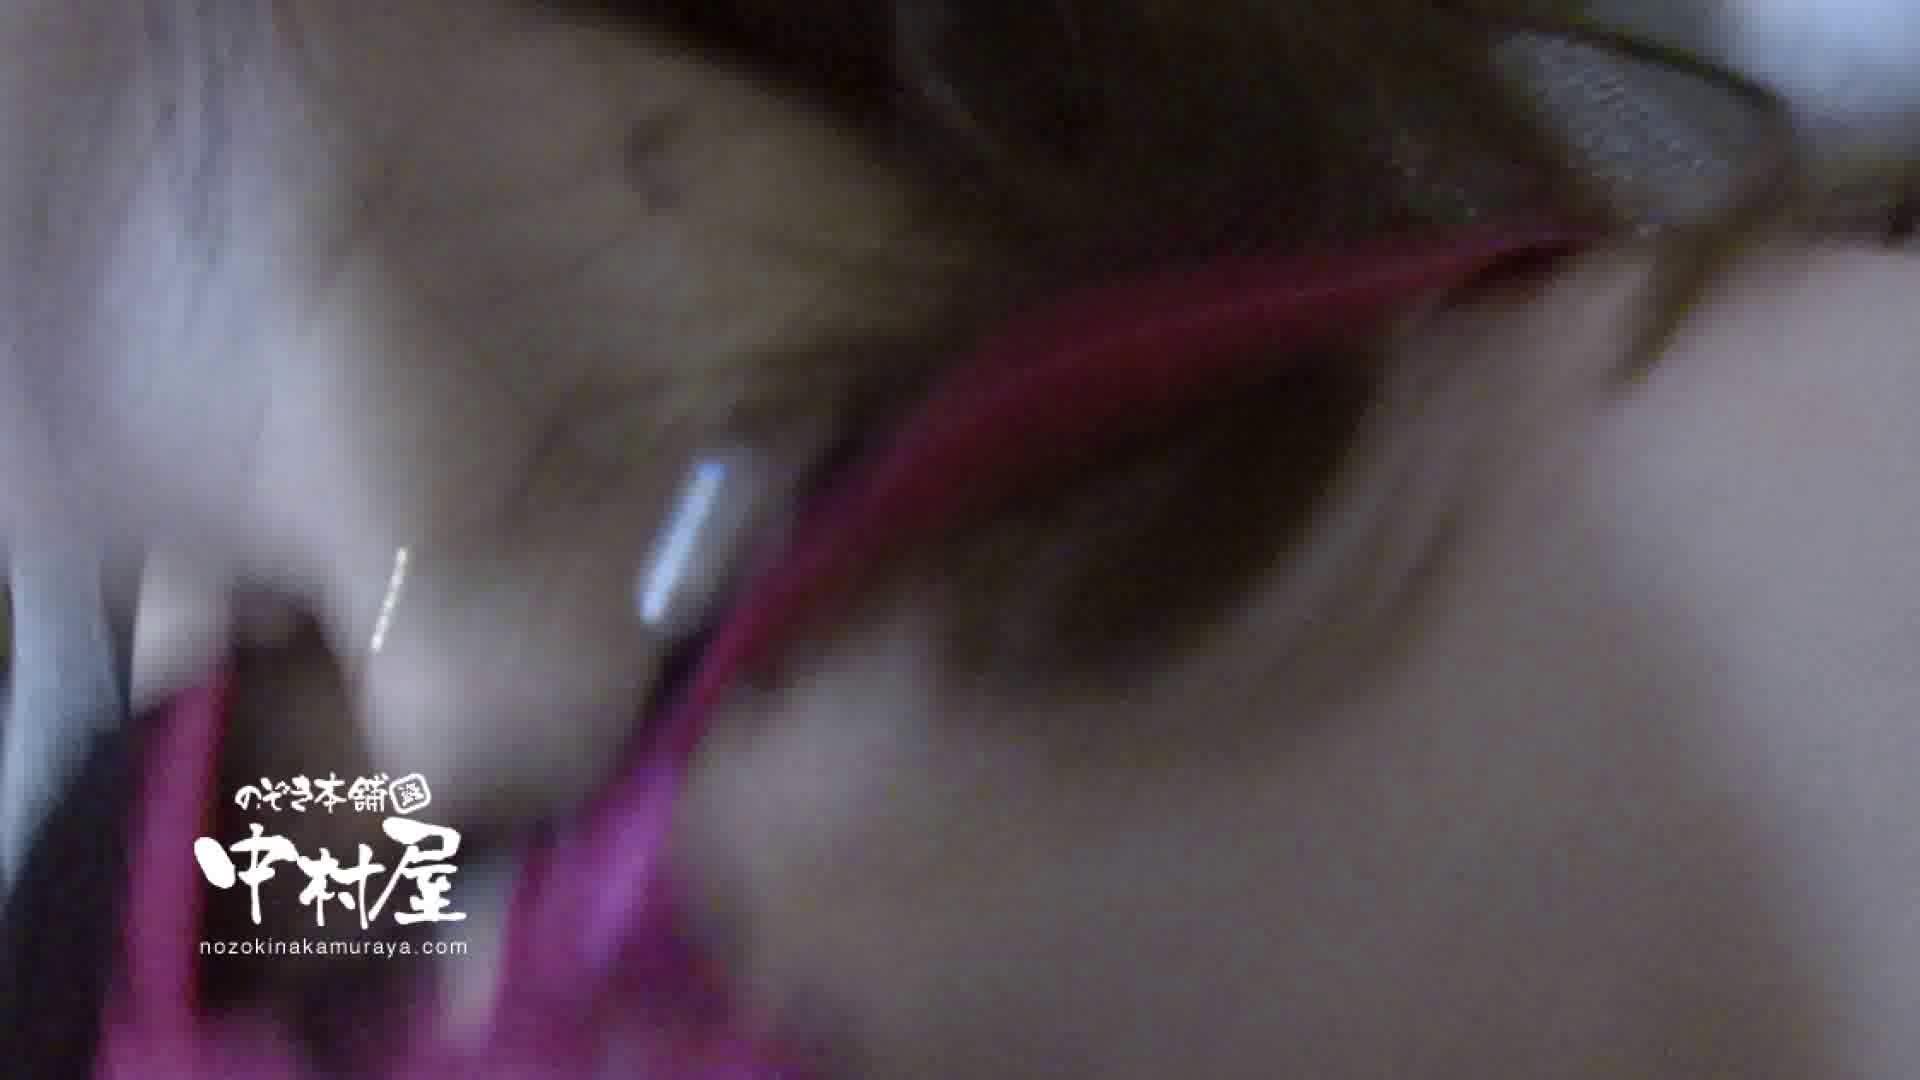 鬼畜 vol.12 剥ぎ取ったら色白でゴウモウだった 後編 OLすけべ画像 | 鬼畜  35連発 1